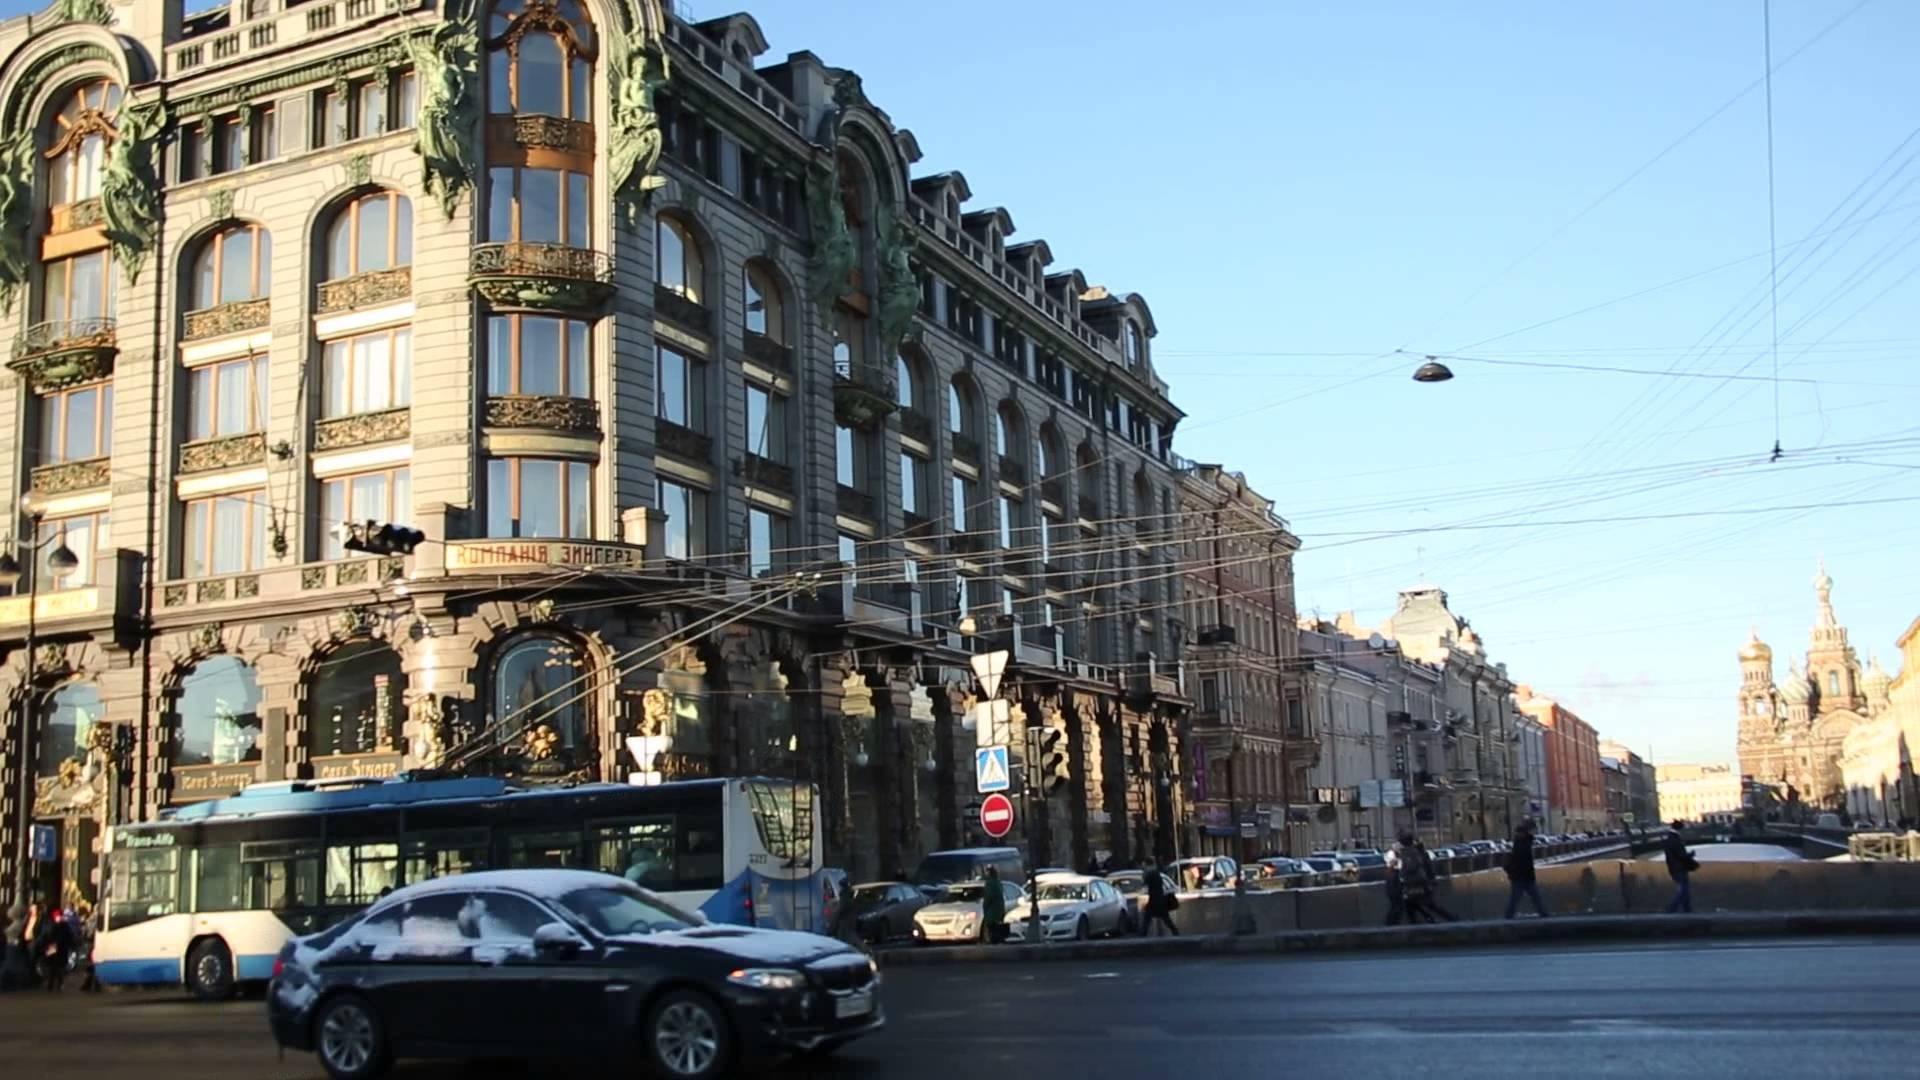 ロシアの名物料理がおいしい!サンクトペテルブルクで行くべき人気レストランおすすめ4選